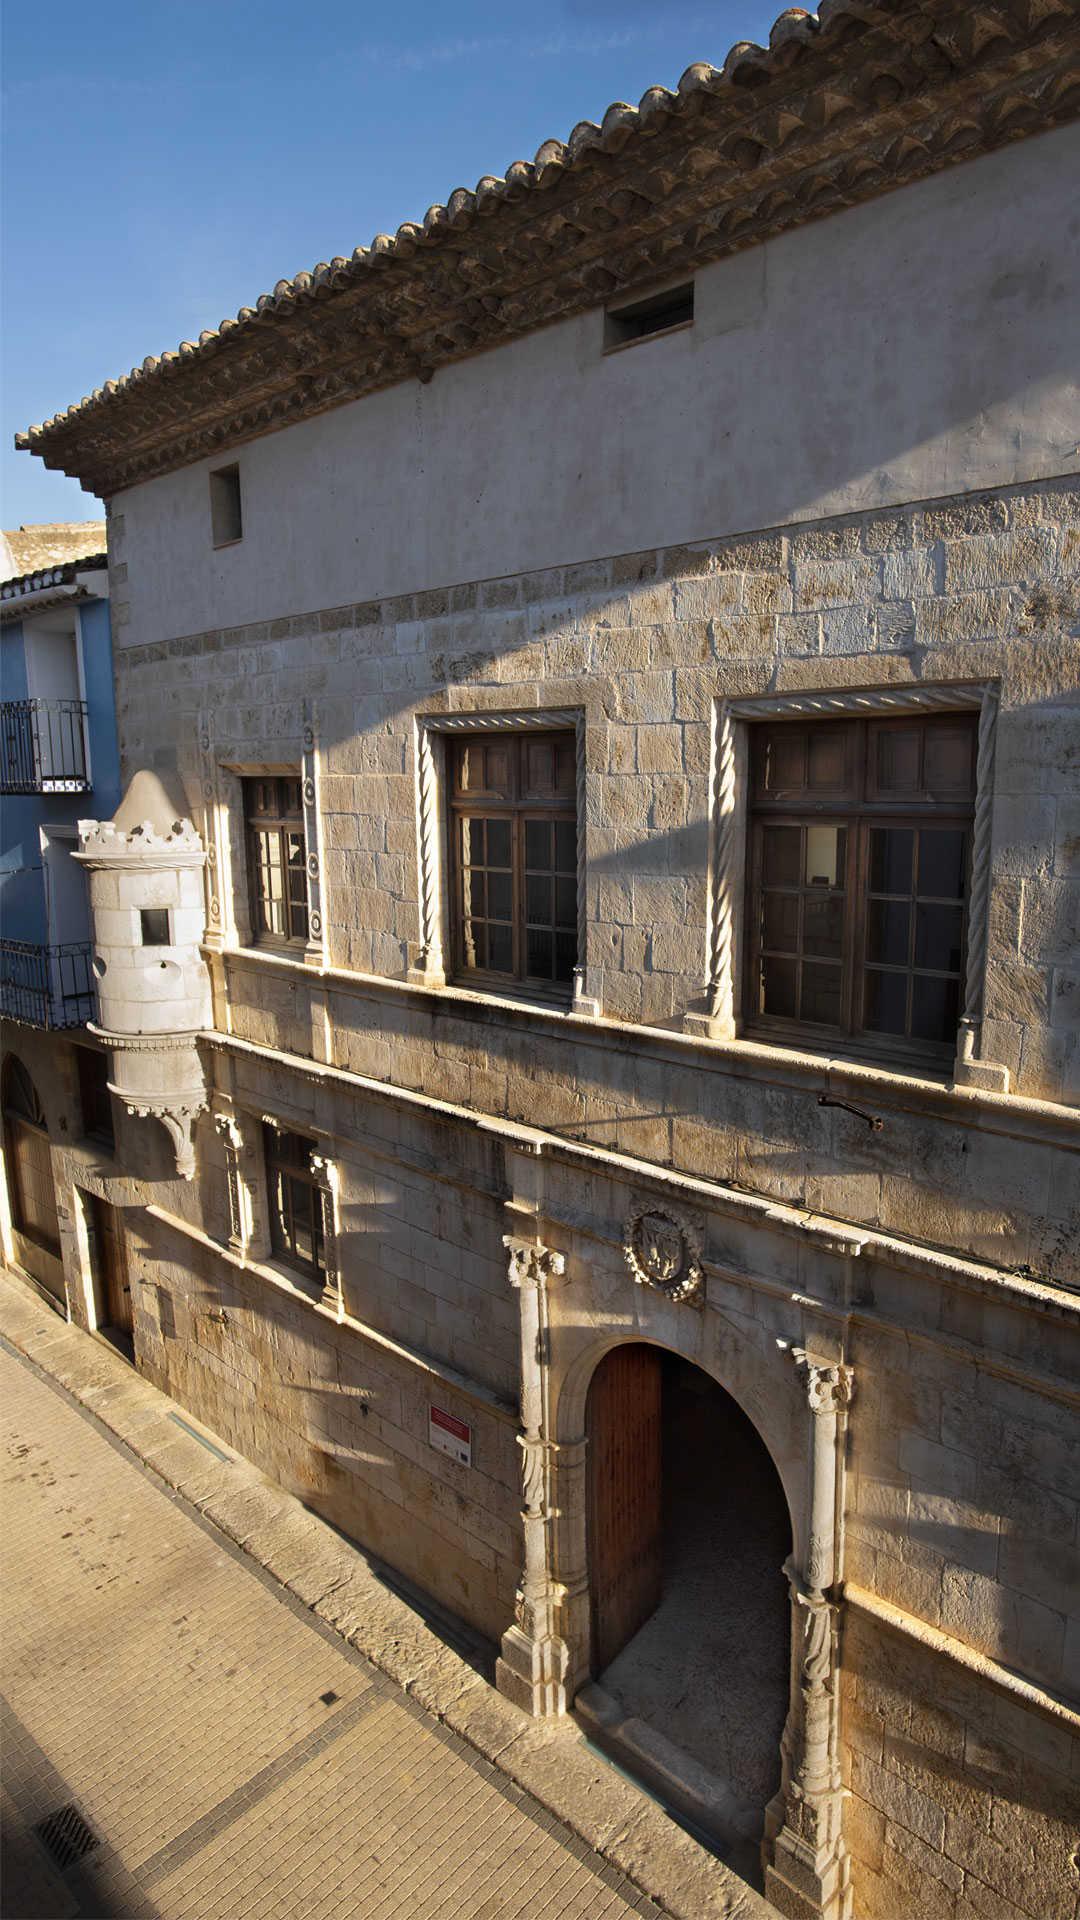 Marqués de Villores Palace